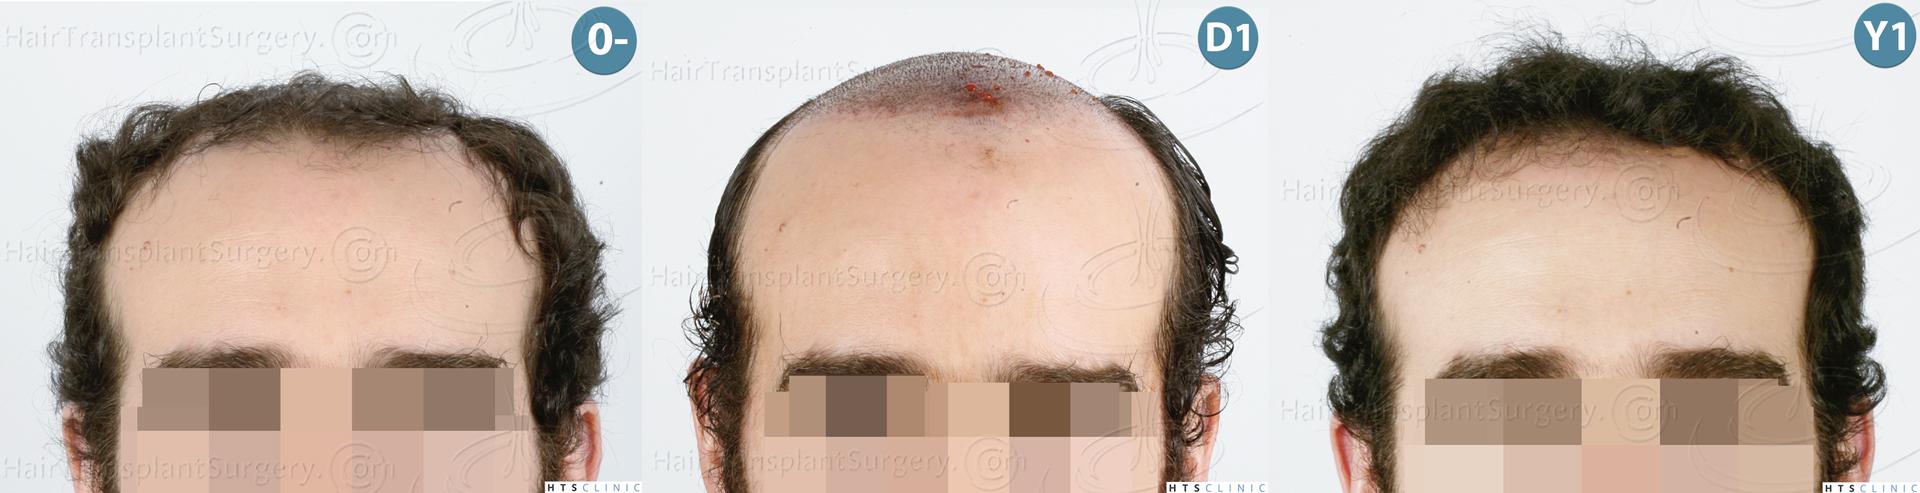 Dr.Devroye-HTS-Clinic-3920-FUT-Montage-1.jpg